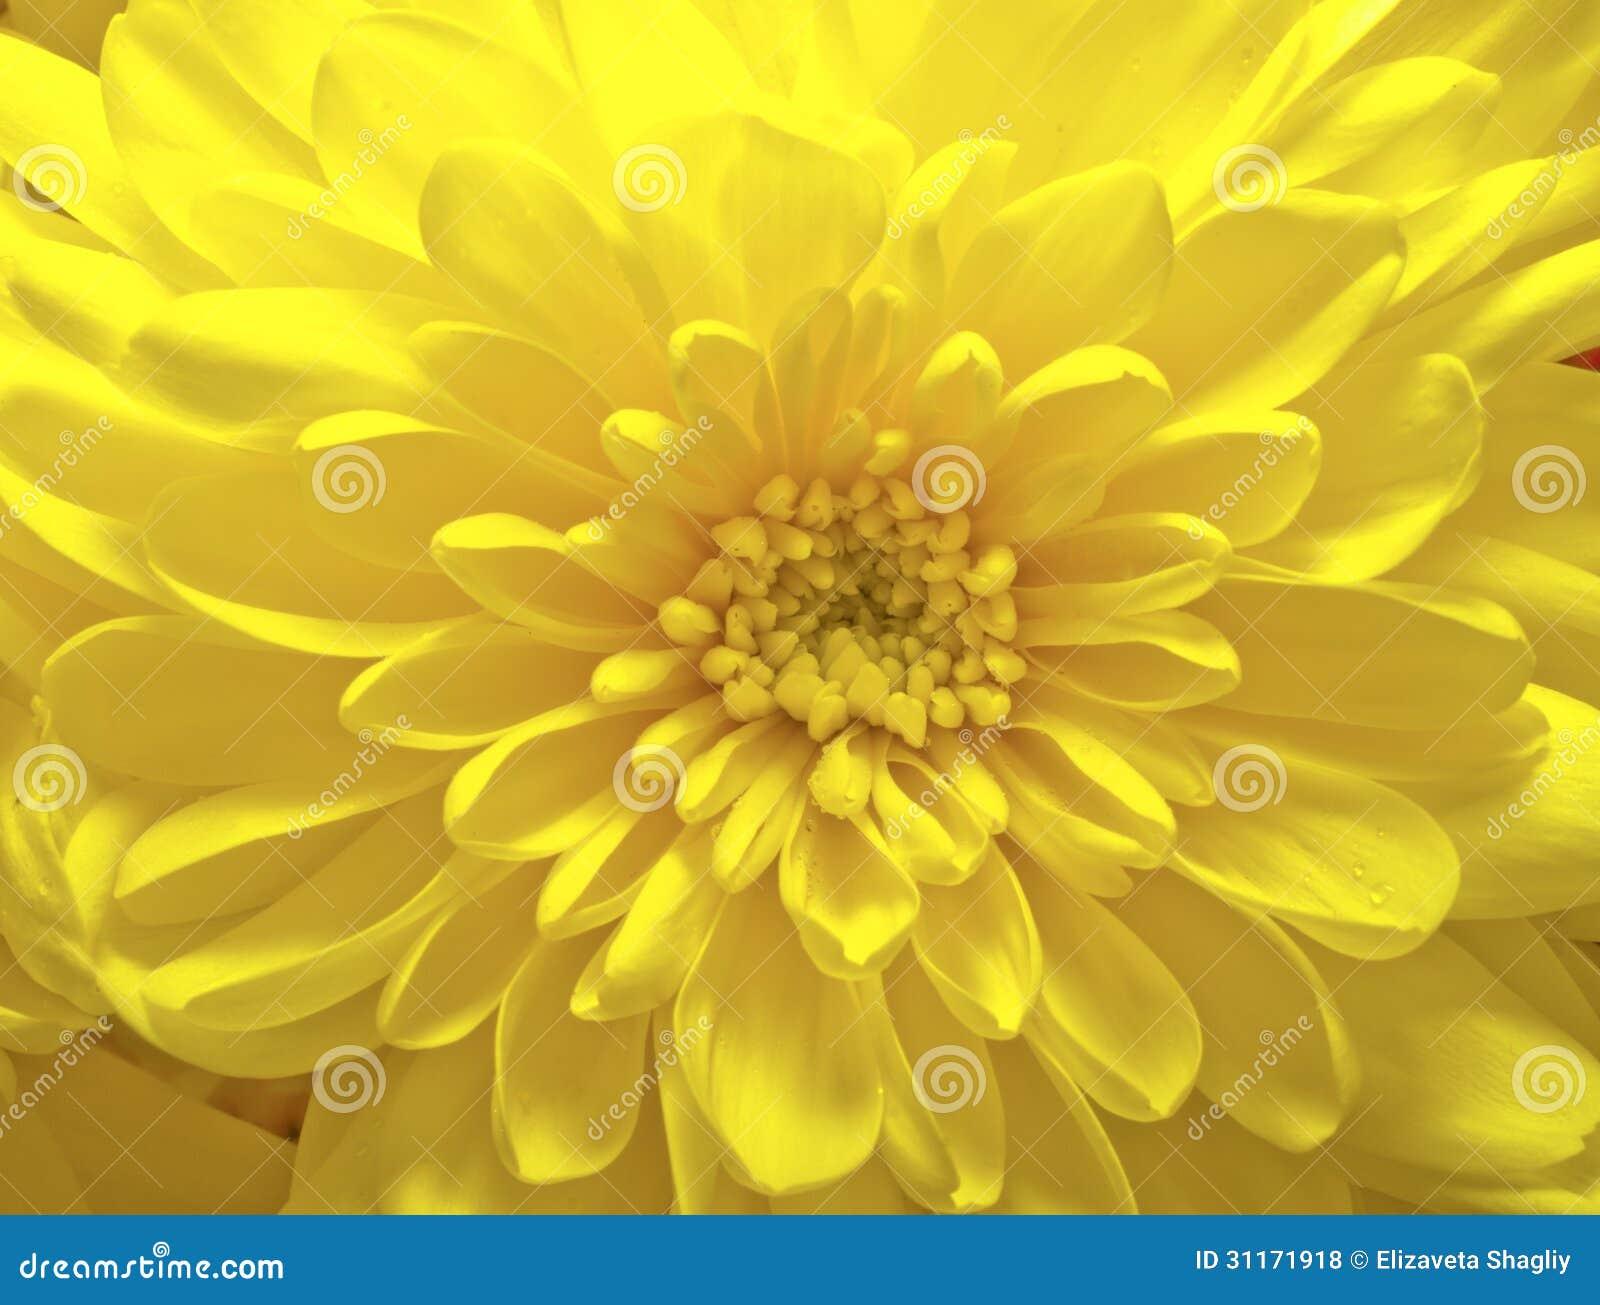 Yellow Aster Flower Stock Photo Image Of Fresh Macro 31171918